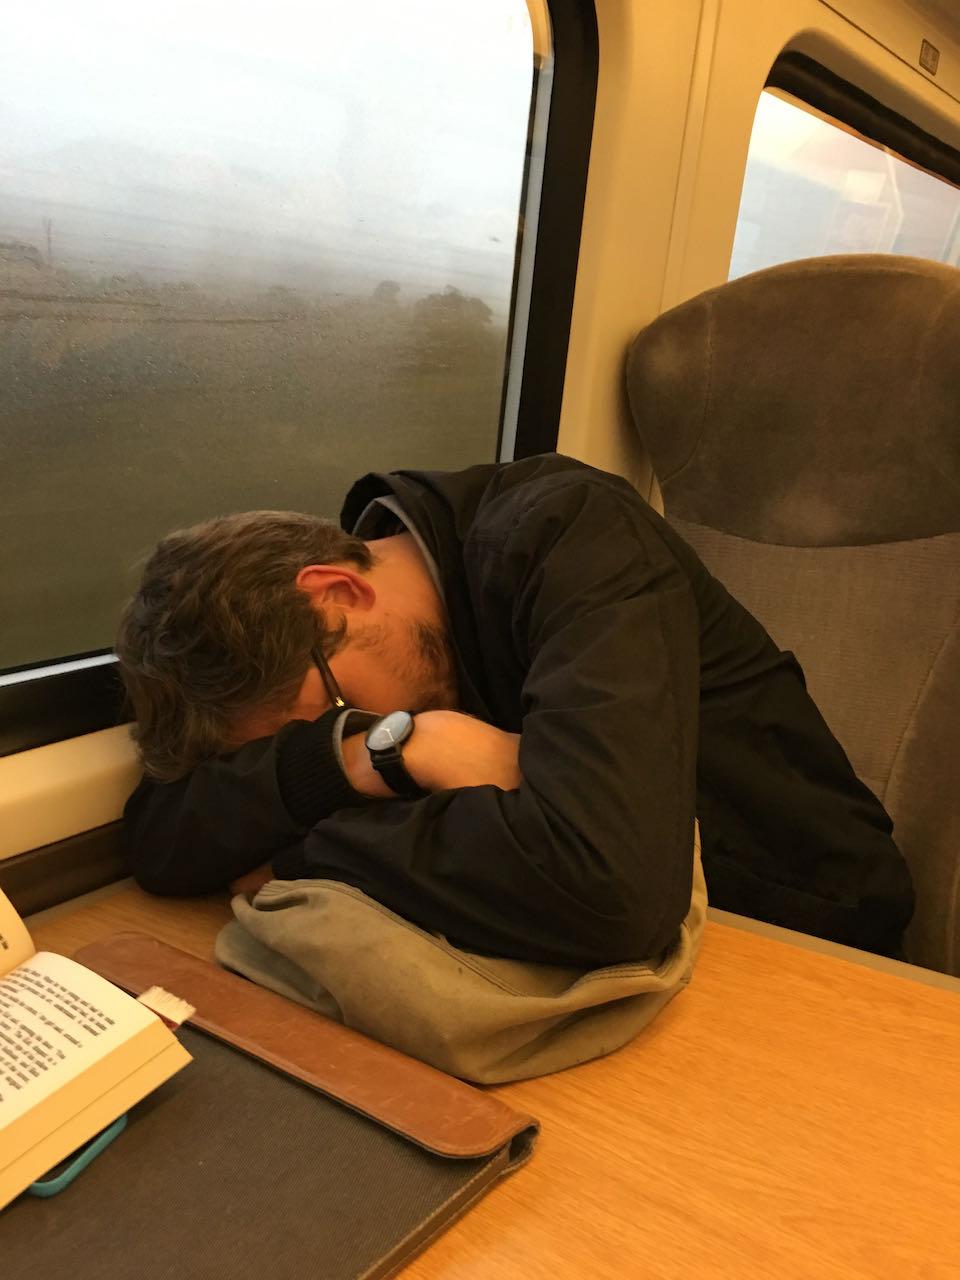 Espen asleep on the train